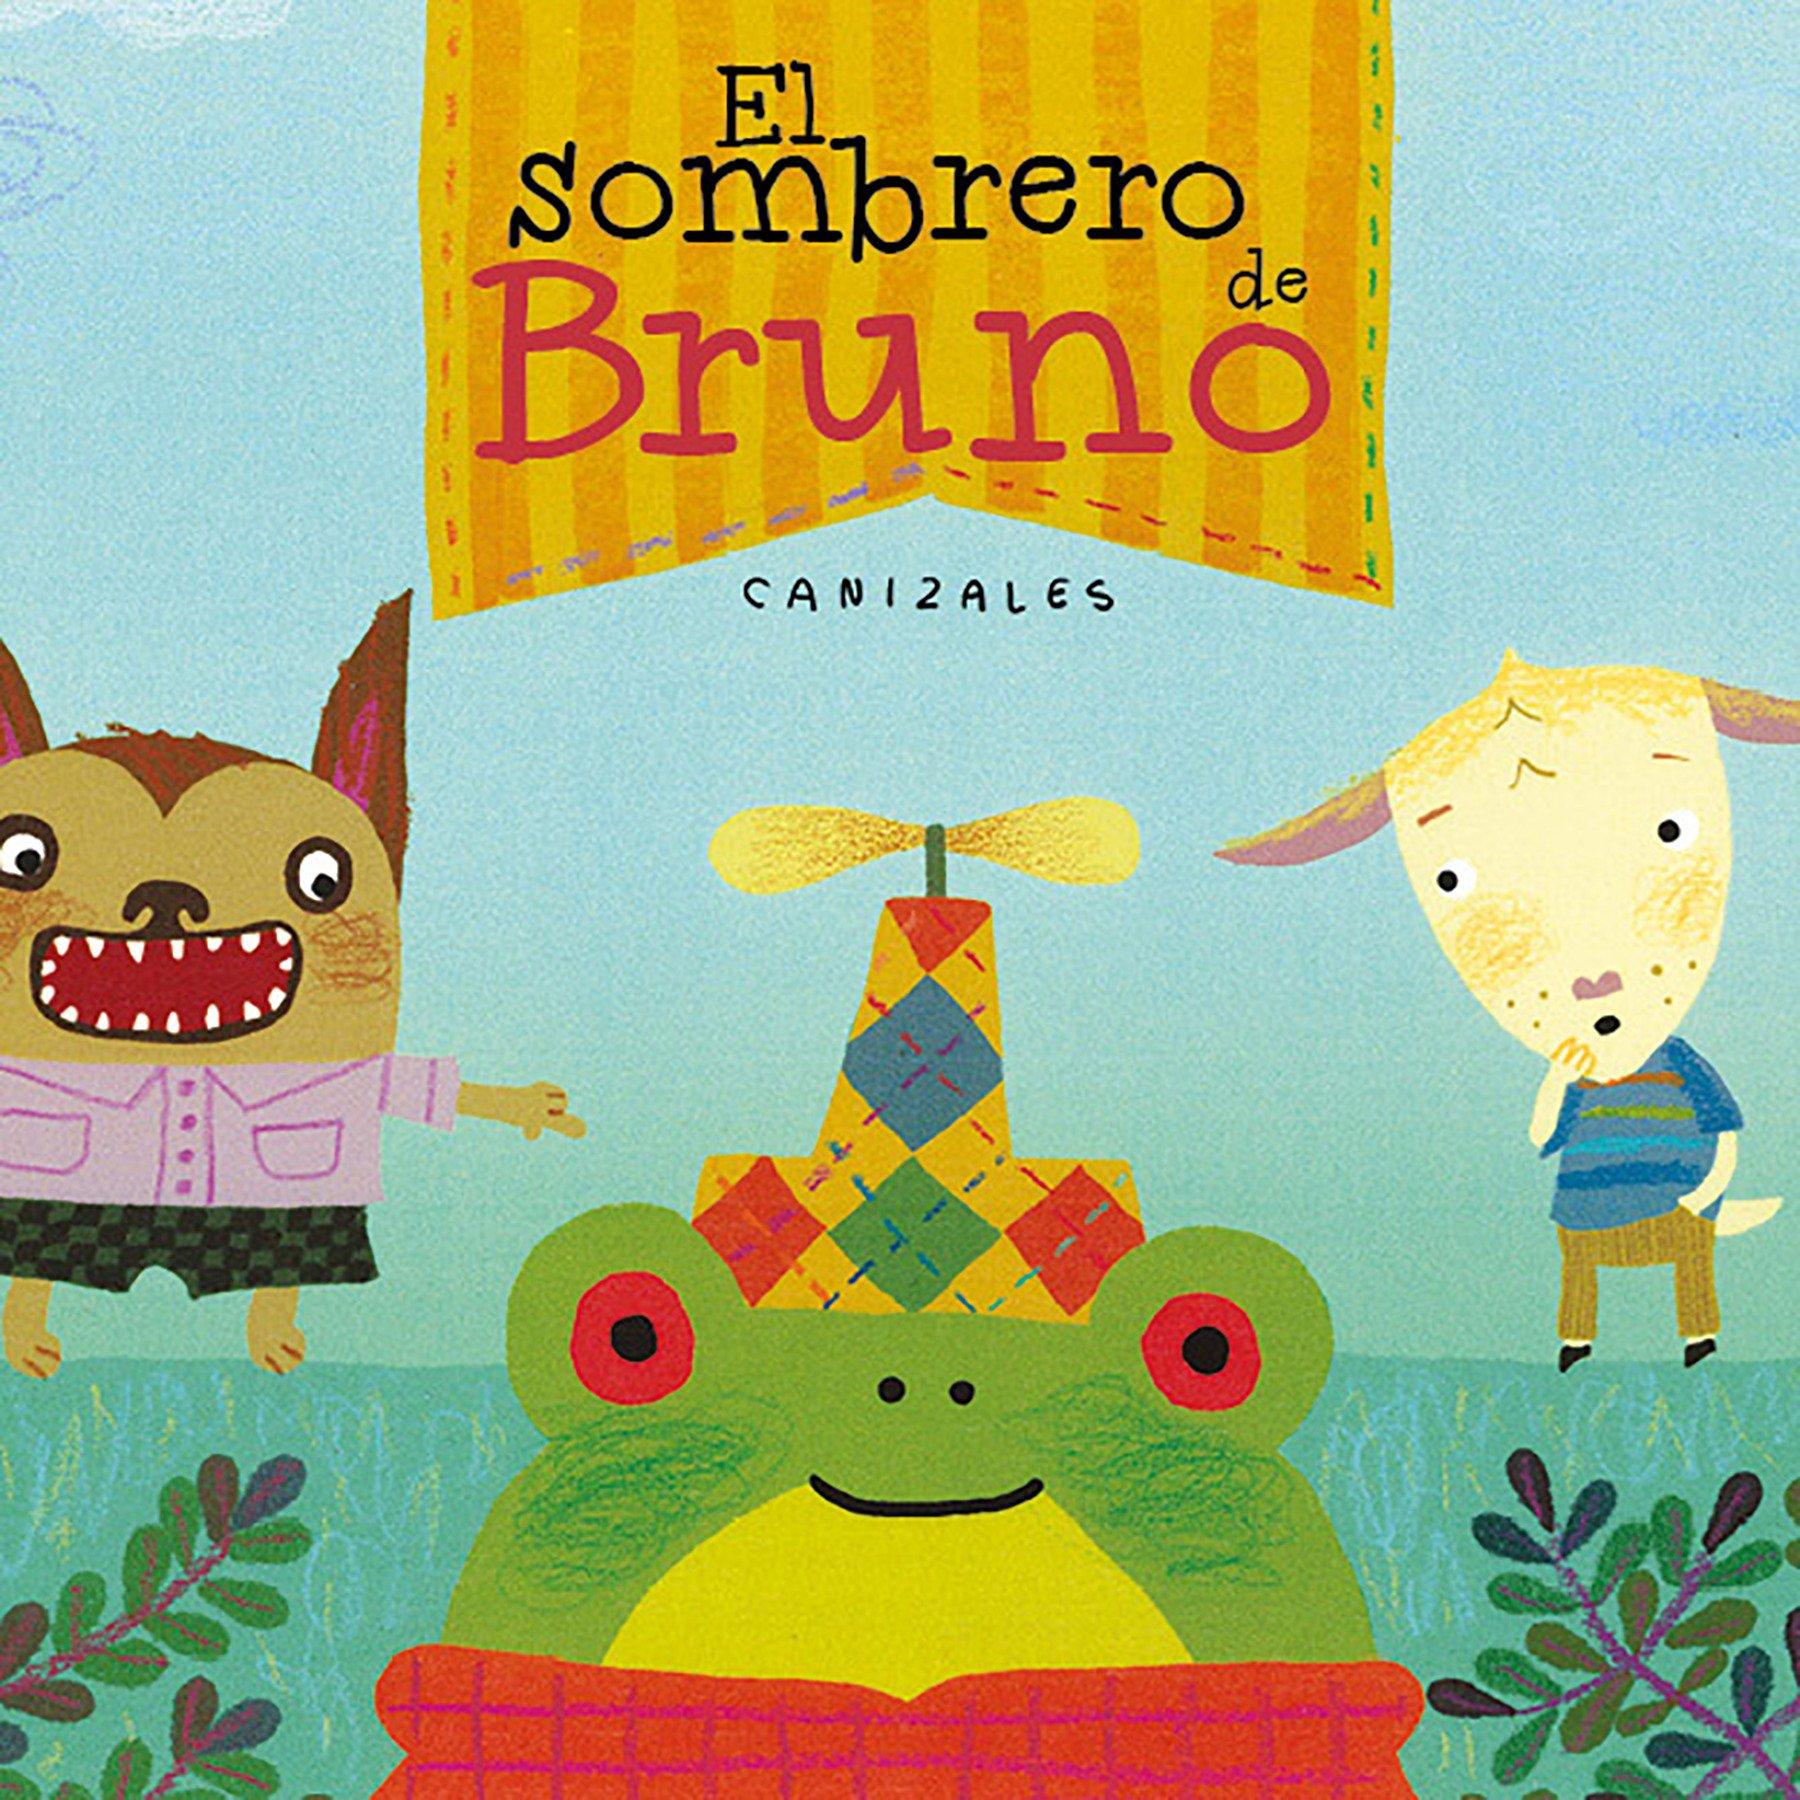 El sombrero de Bruno (Premio Boolino Álbum ilustrado): Amazon.es: Canizales: Libros